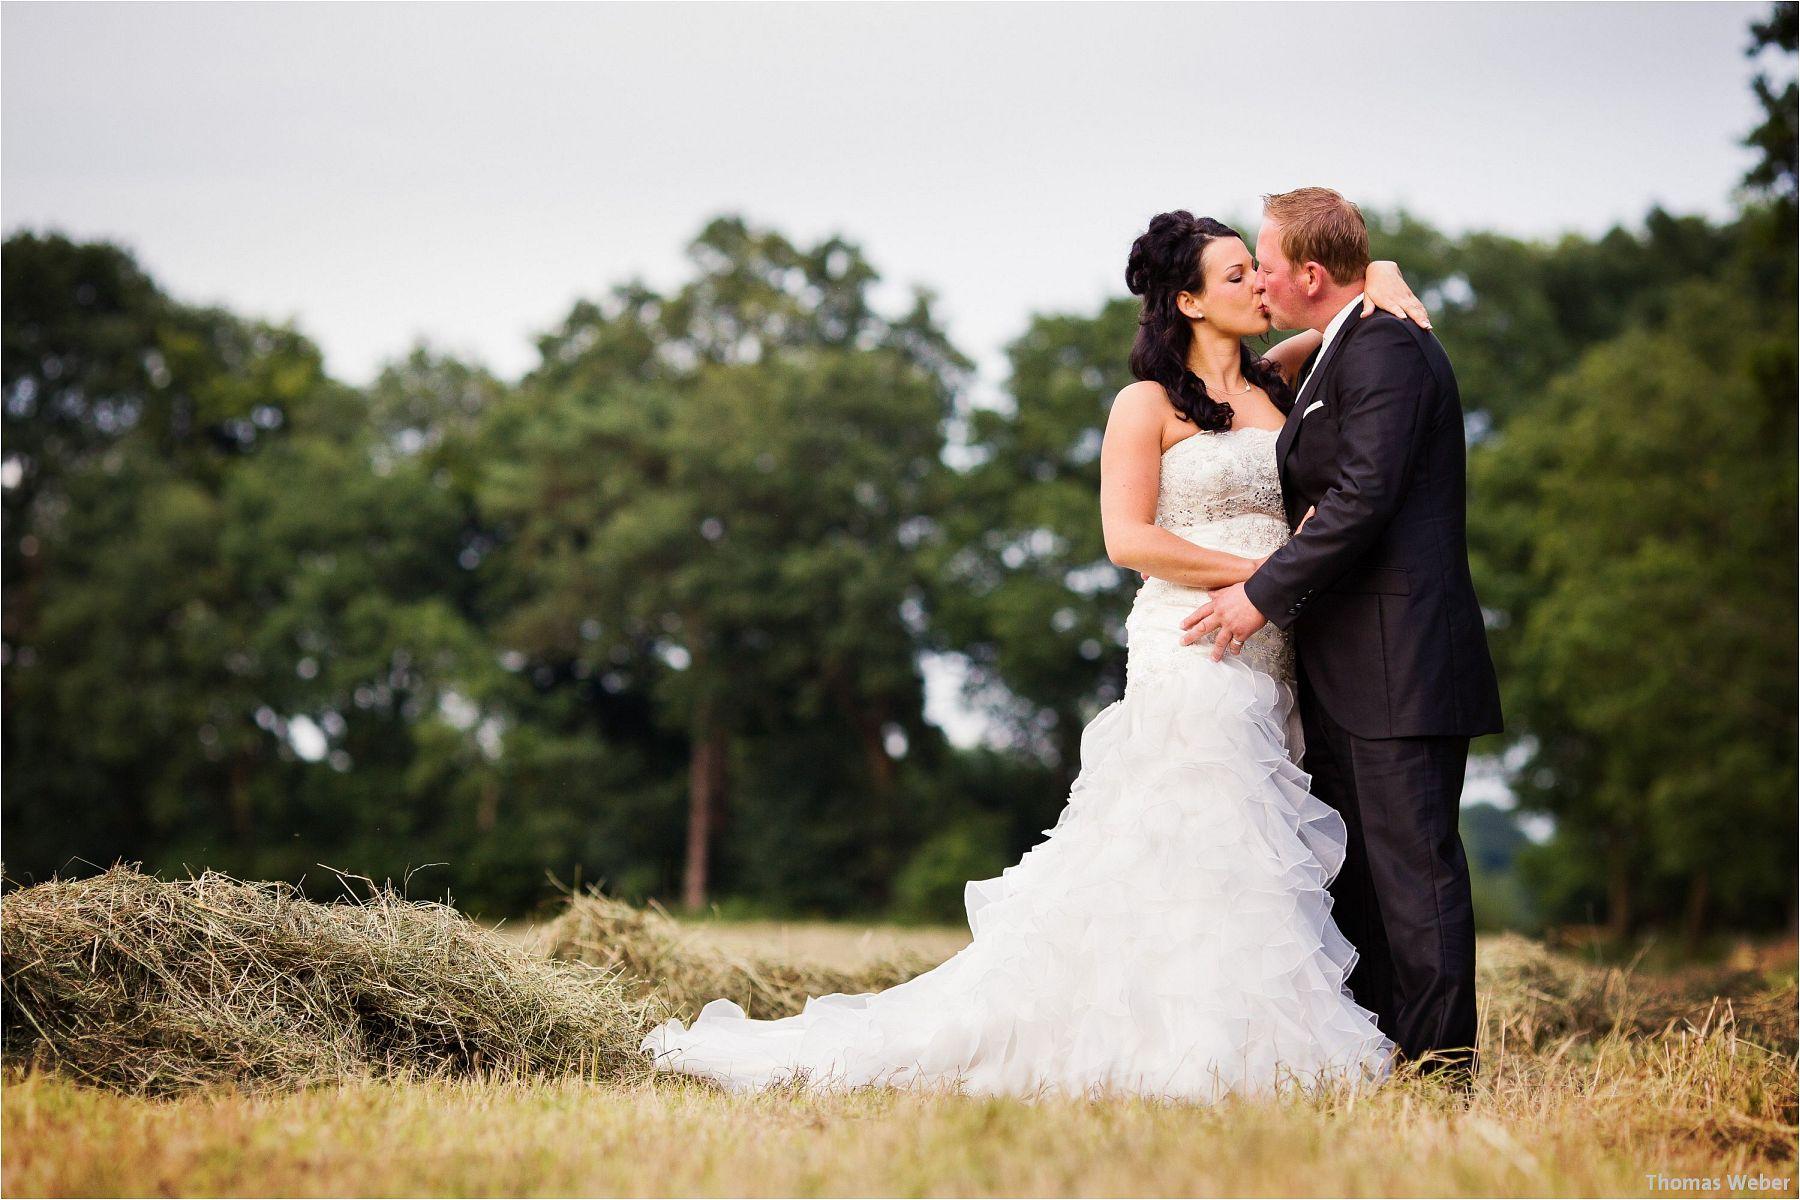 Hochzeitsfotograf Oldenburg: Hochzeitsportraits bei einem After Wedding Shooting am Nordsee-Strand von Dangast/Varel bei Sonnenuntergang (3)